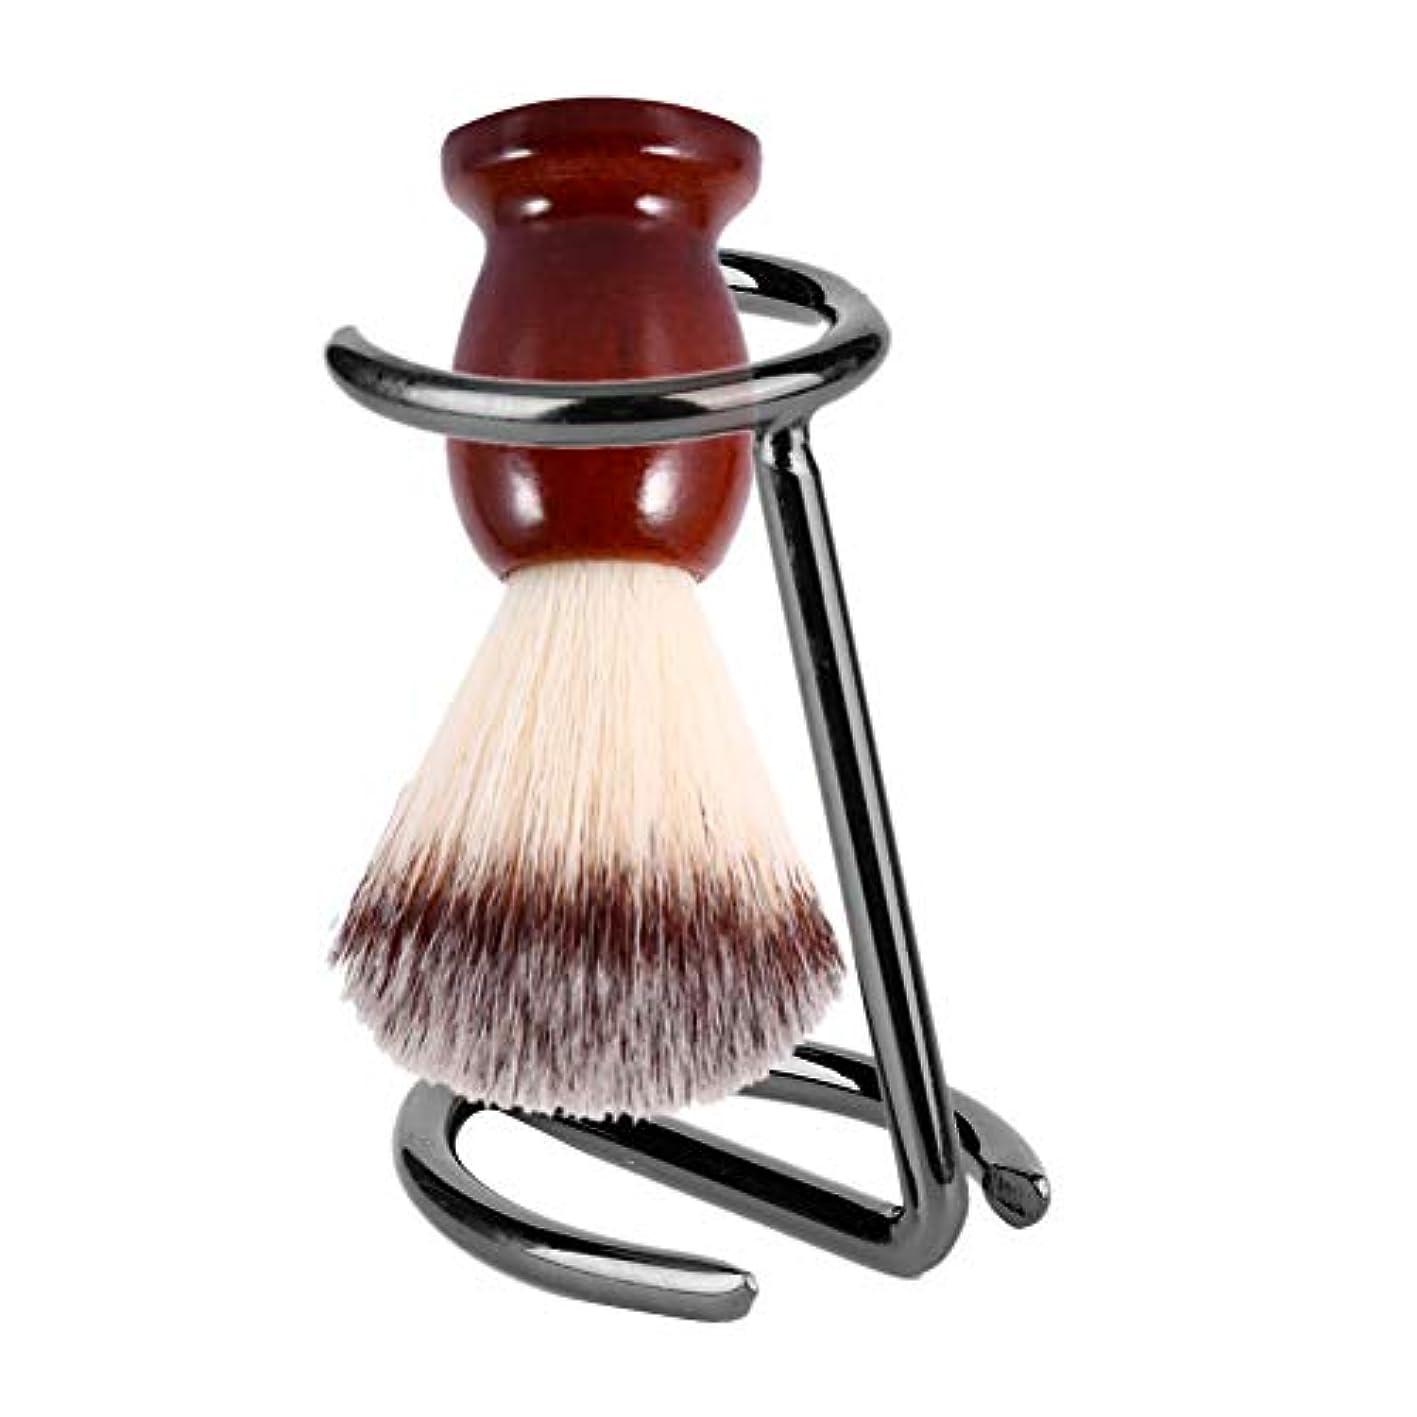 半島ペレット可愛い剃毛ブラシスタンド、男性の剃毛ブラシステンレス鋼スタンドかみそりホルダーサロンホーム旅行用